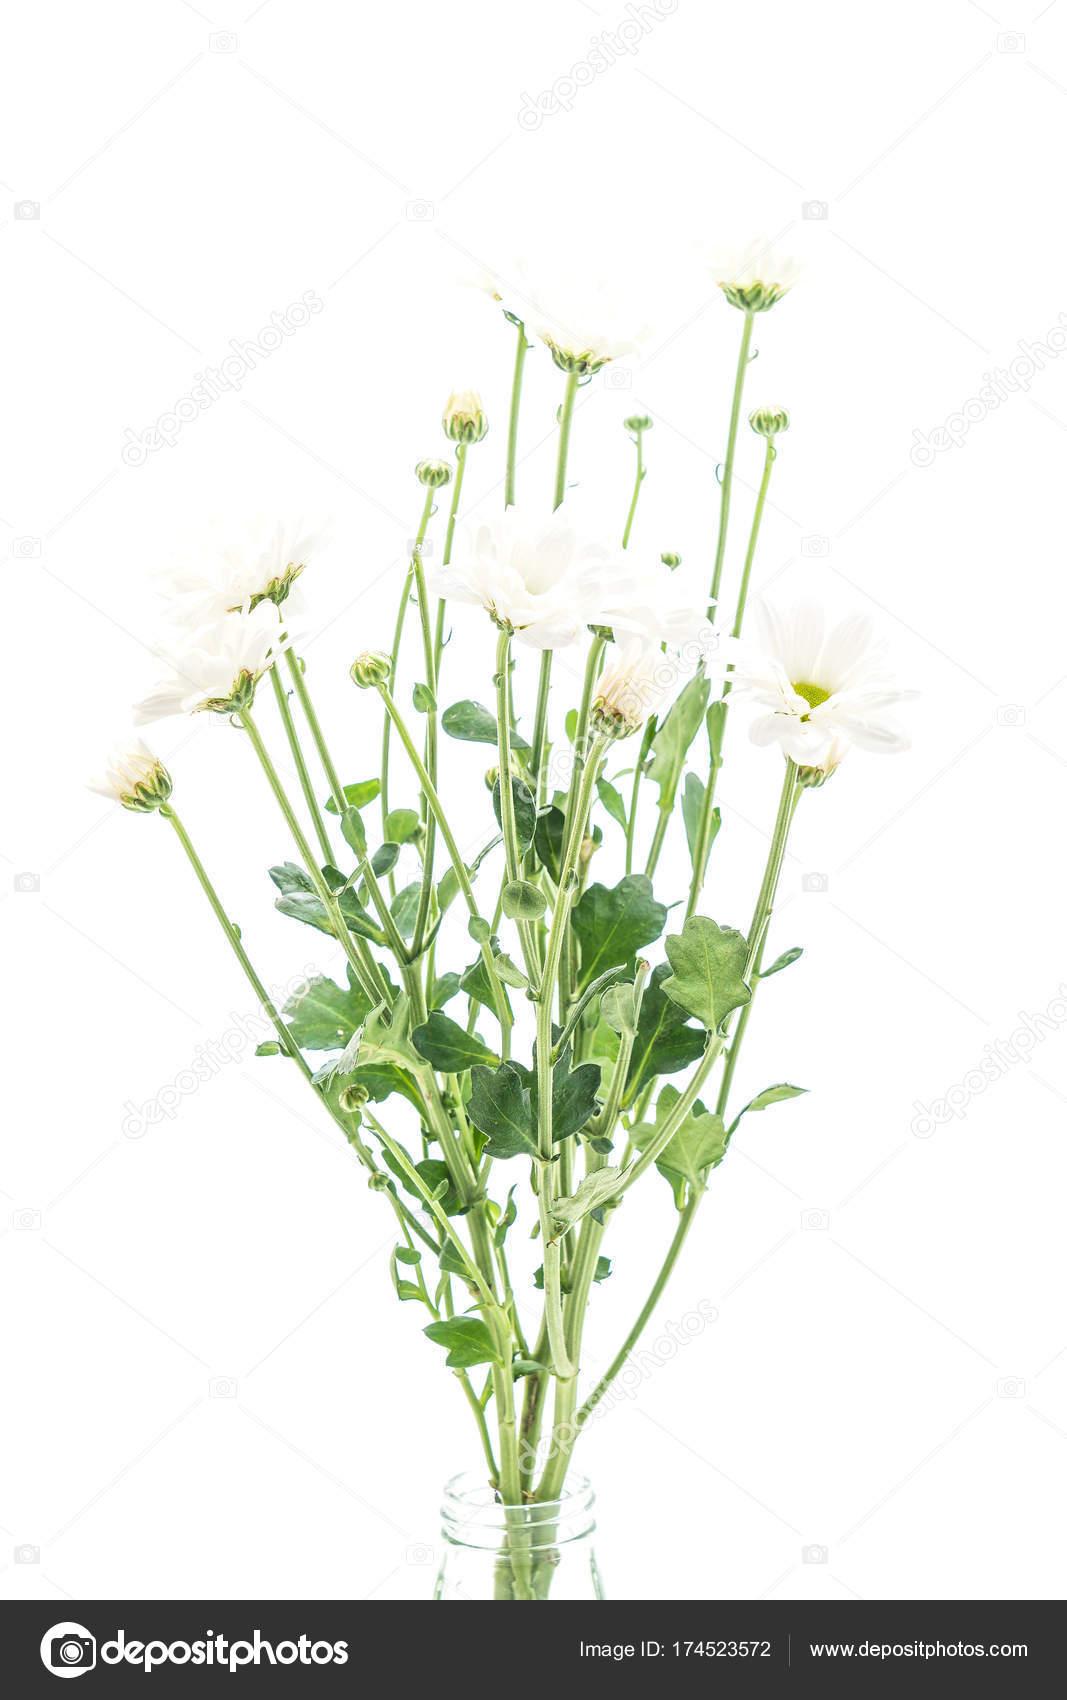 White mum flowers stock photo topntp 174523572 white mum flowers stock photo mightylinksfo